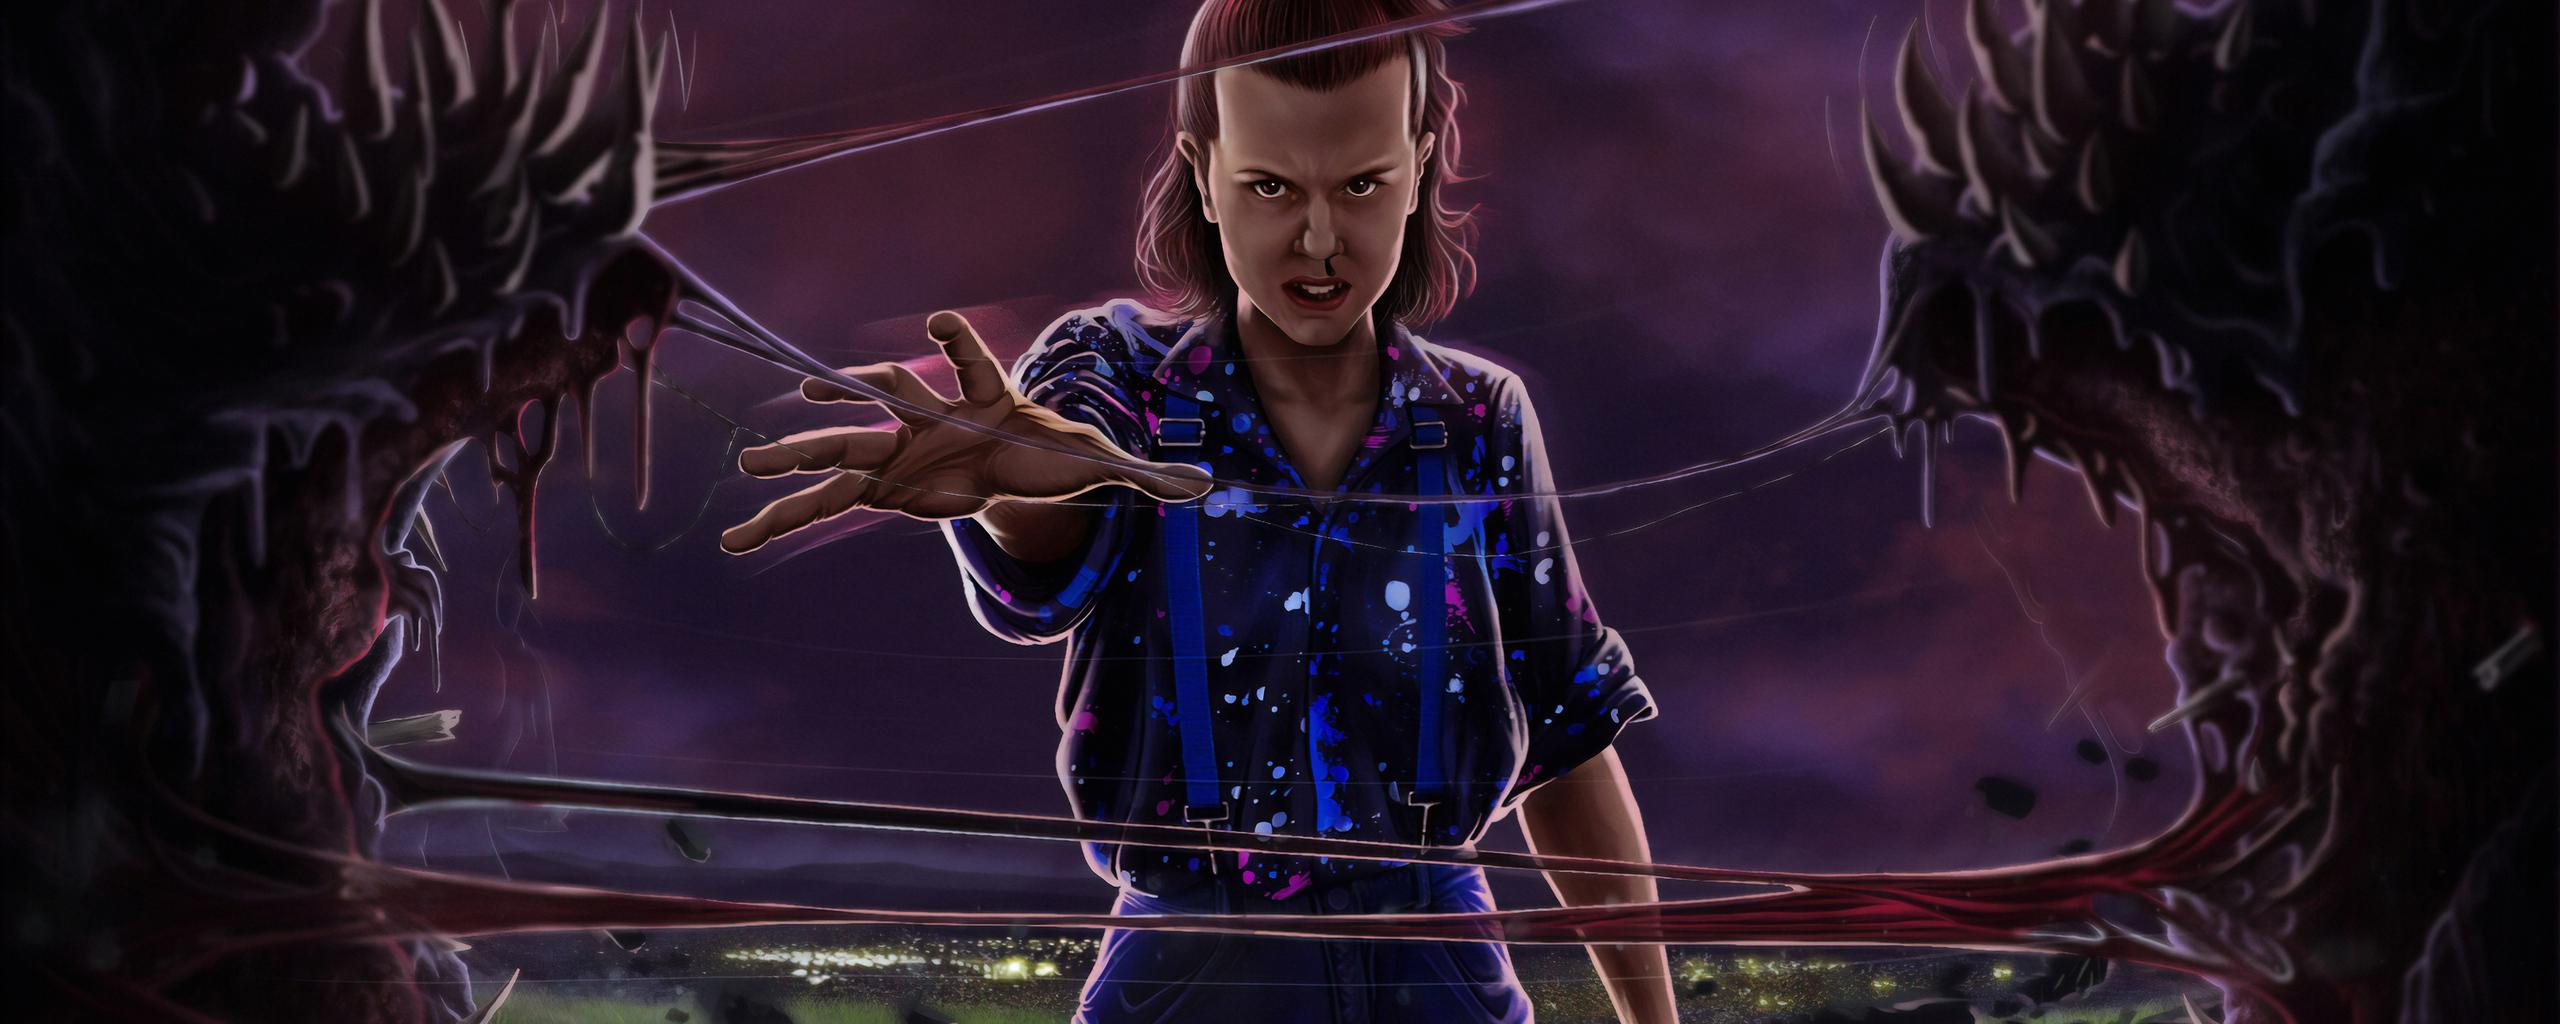 eleven-stranger-things-ao.jpg